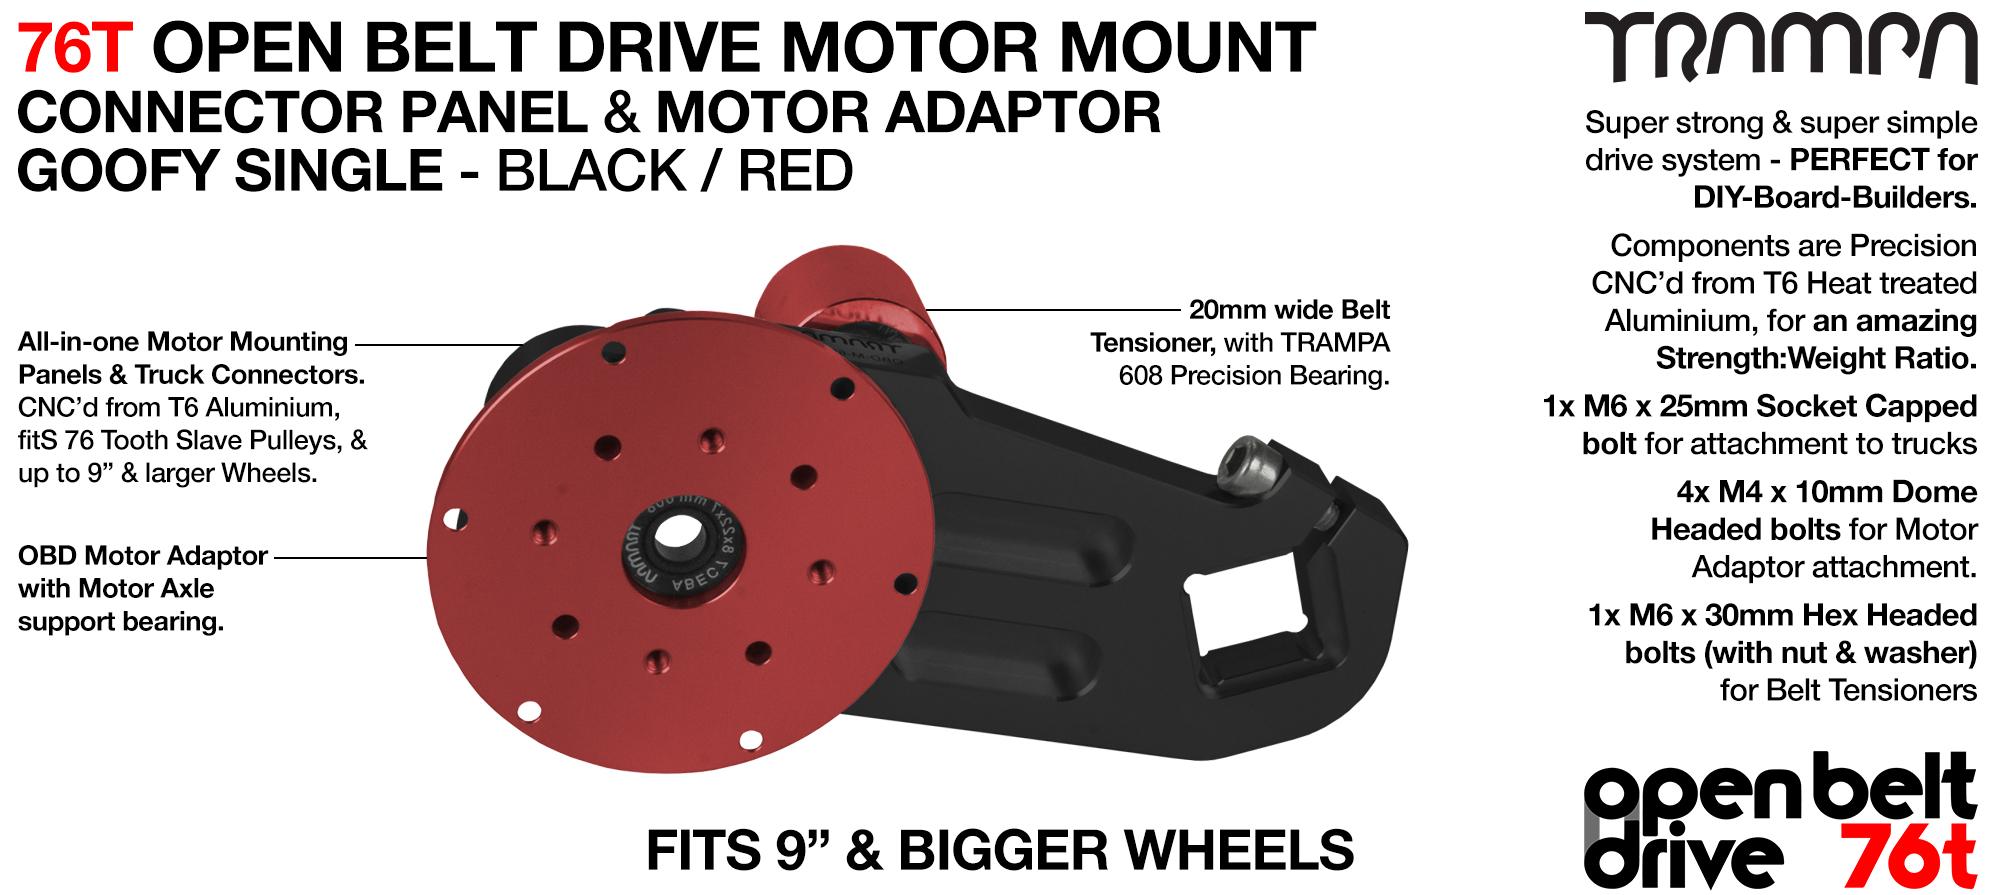 76T Open Belt Drive Motor Mount & Motor Adaptor - SINGLE RED